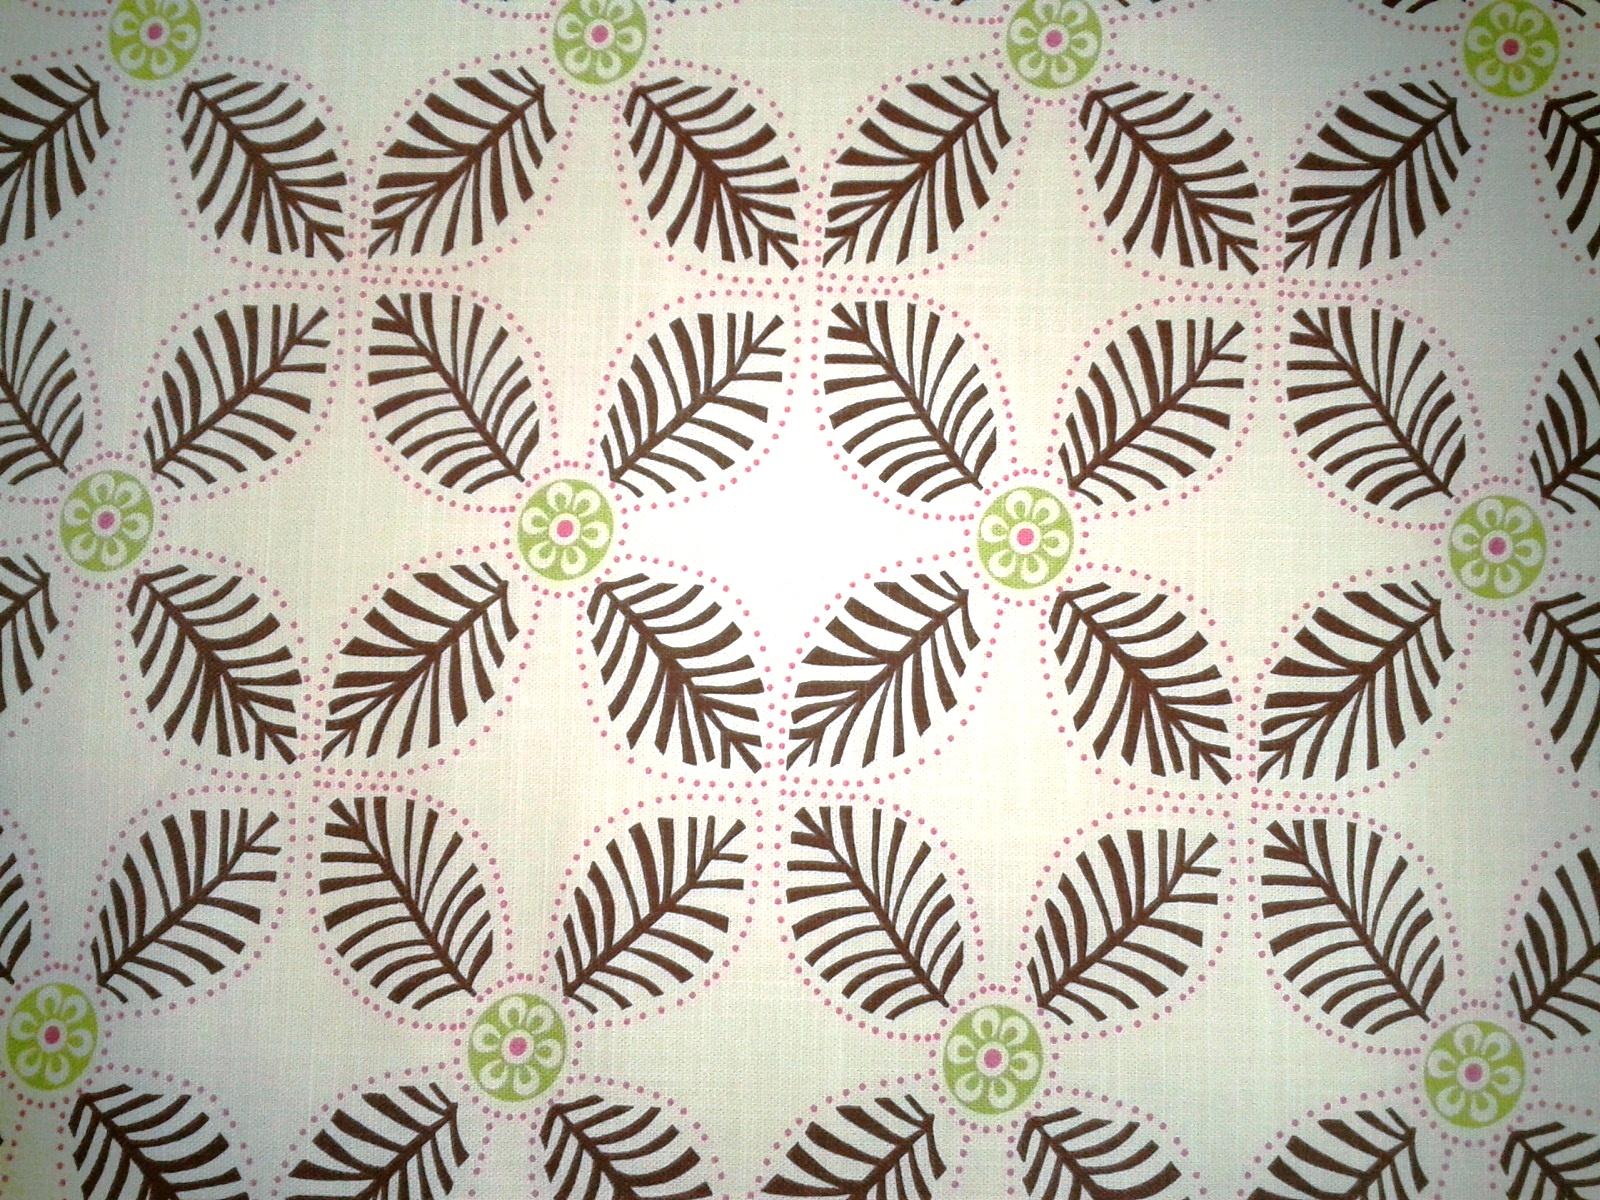 Мираем ЕООД Cotton Prints 140cm